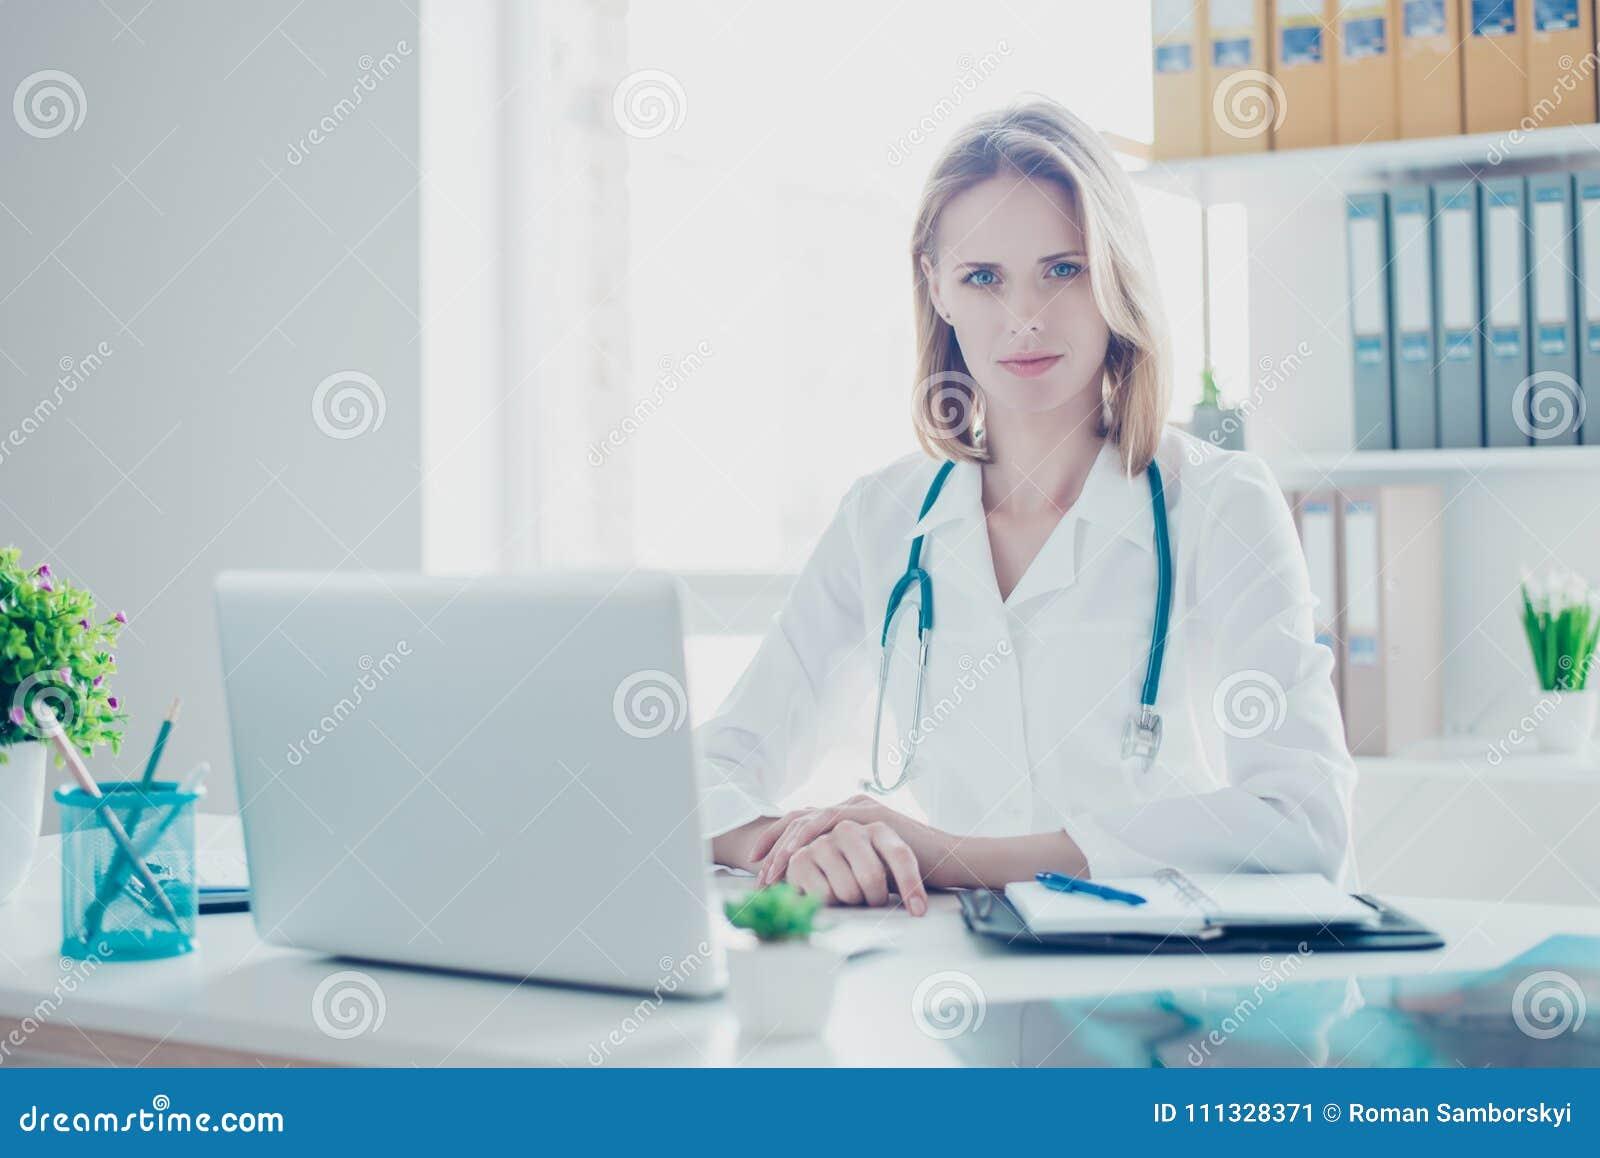 Портрет уверенно сконцентрированного врача нося белое пальто, sh